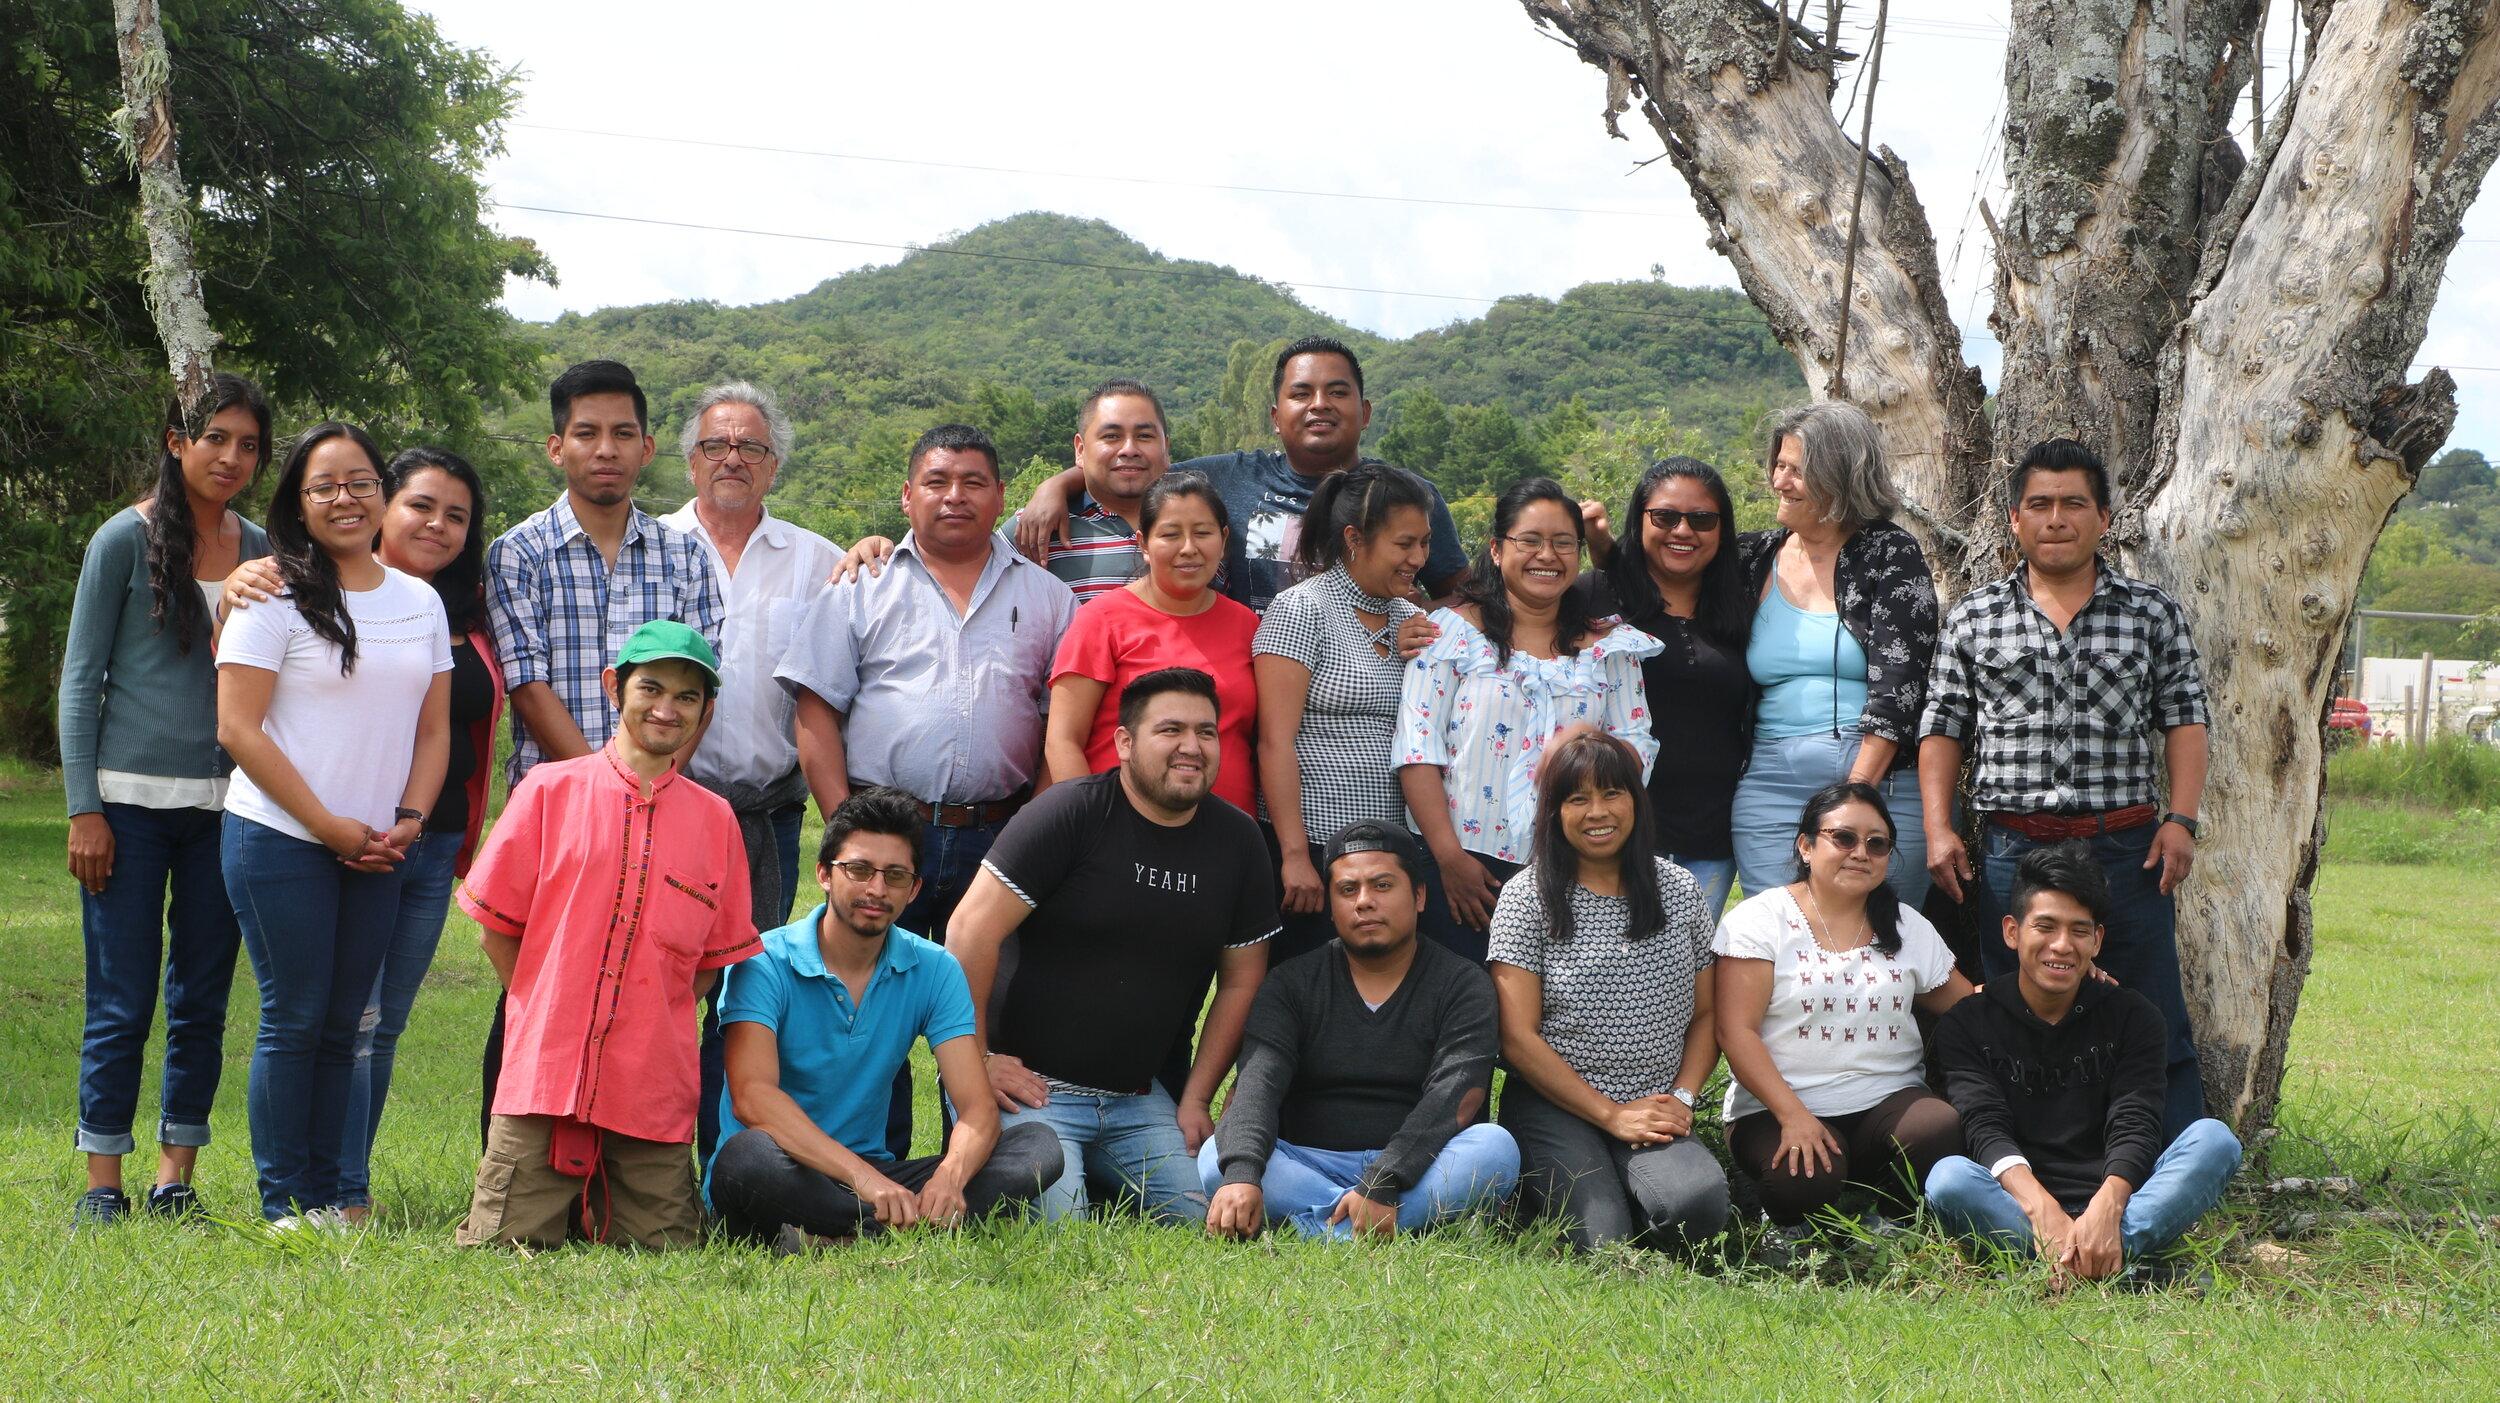 Equipo de Ch'ieltik-Escuela de Verano 2019. Las Margaritas, Chiapas.